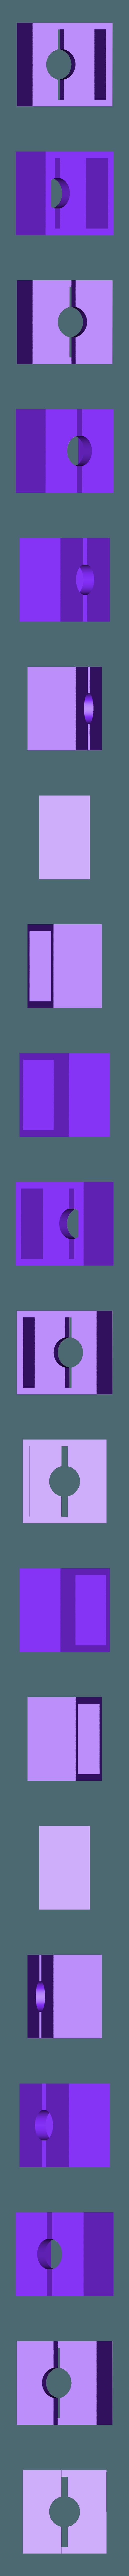 Vane_Base.stl Télécharger fichier STL gratuit Santa Whirligig • Objet pour imprimante 3D, Sparky6548